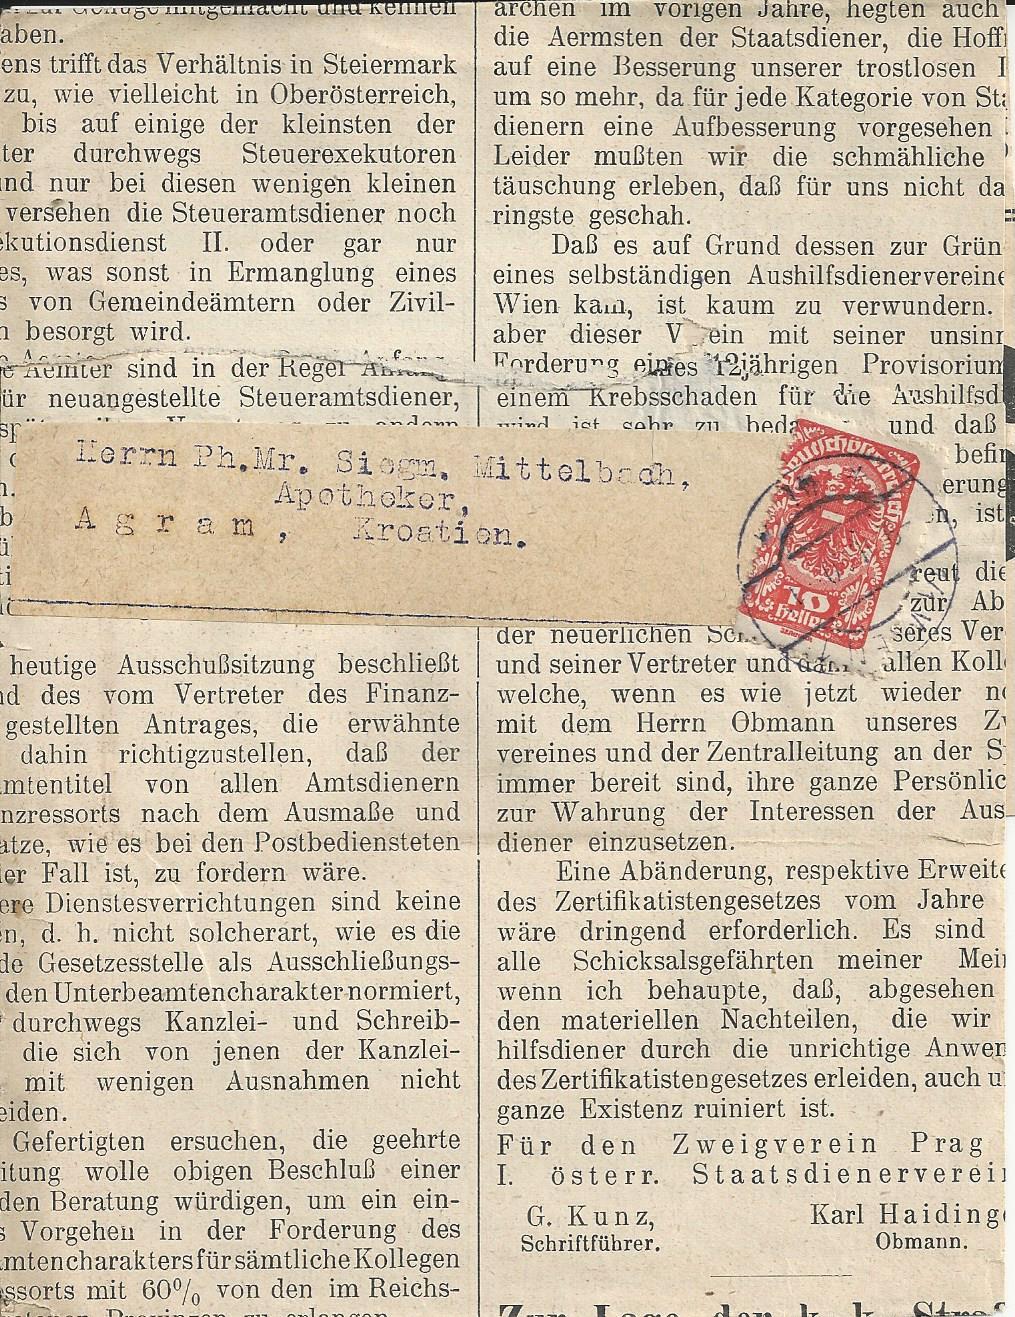 Inflation in Österreich - Belege - 1918 bis 1925 - Seite 27 Bild_894